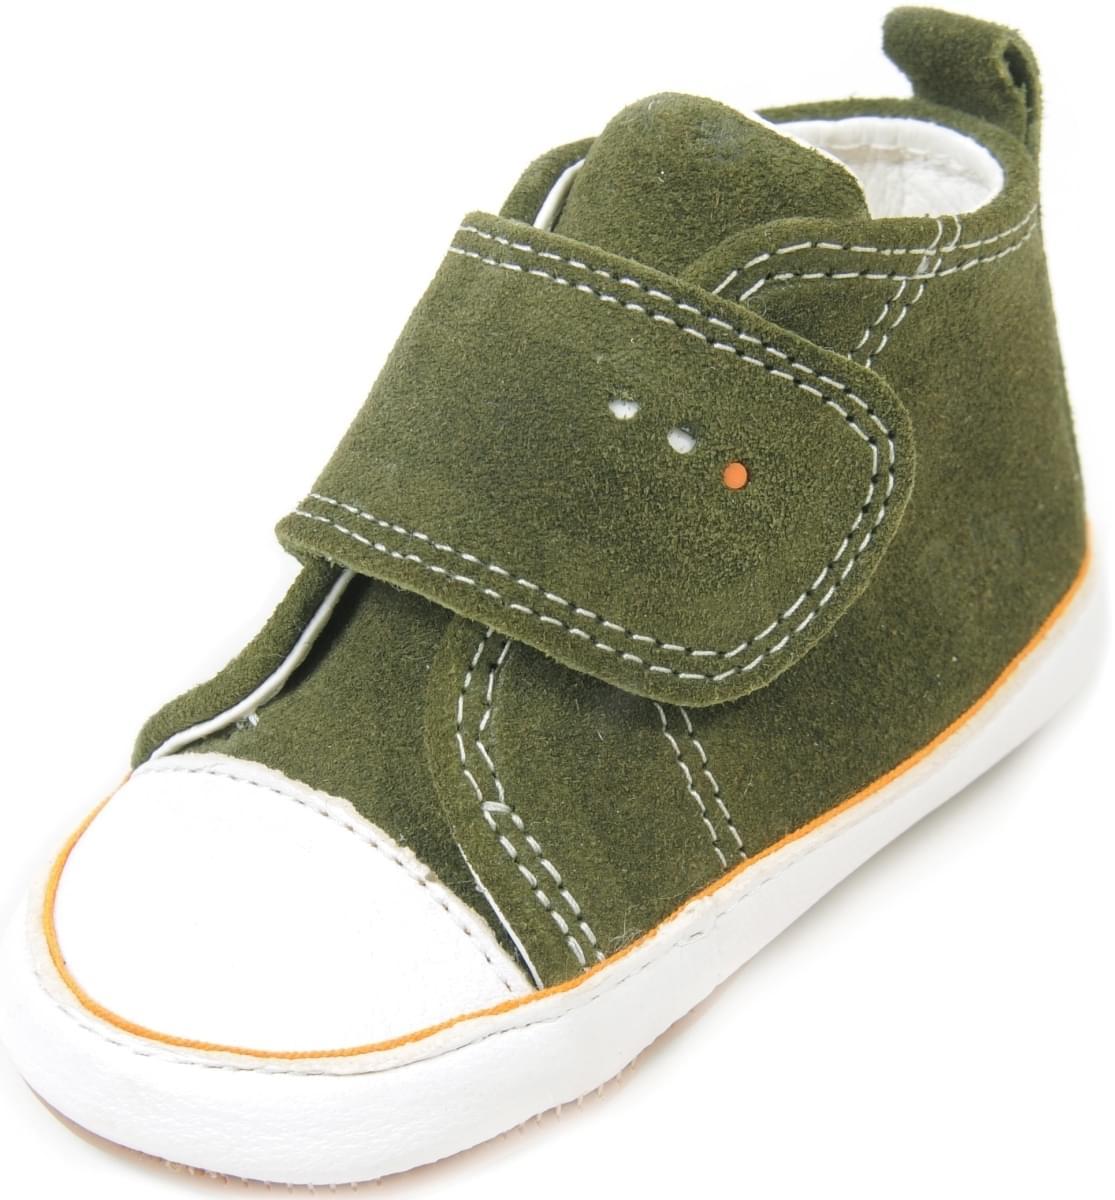 Dětské barefoot první botičky Dulis Baby Eco - olivový háj - Skibi Kids a7006bbfaf